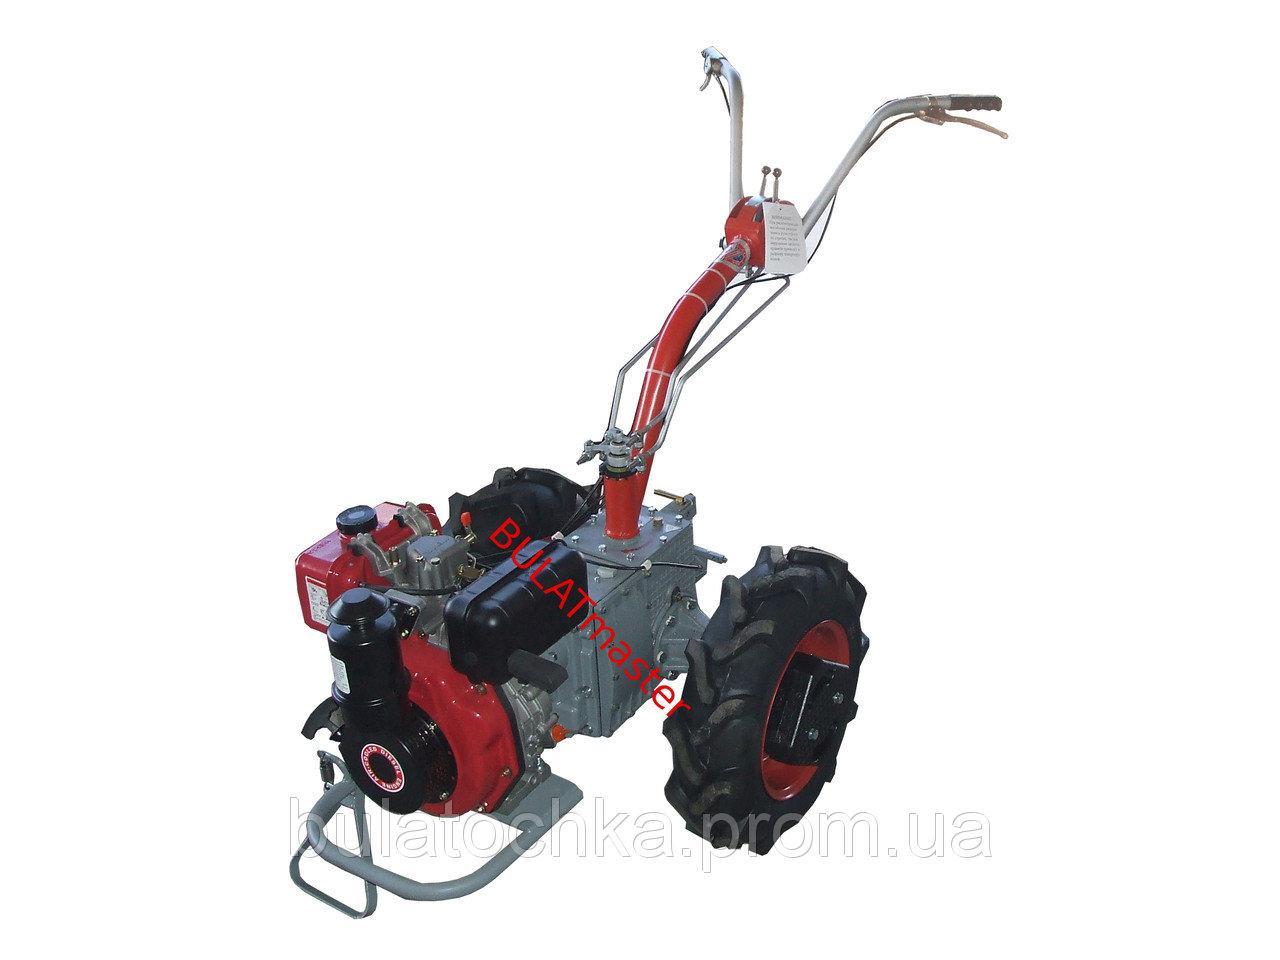 Мотоблок дизельный Мотор Сич МБ-6Д